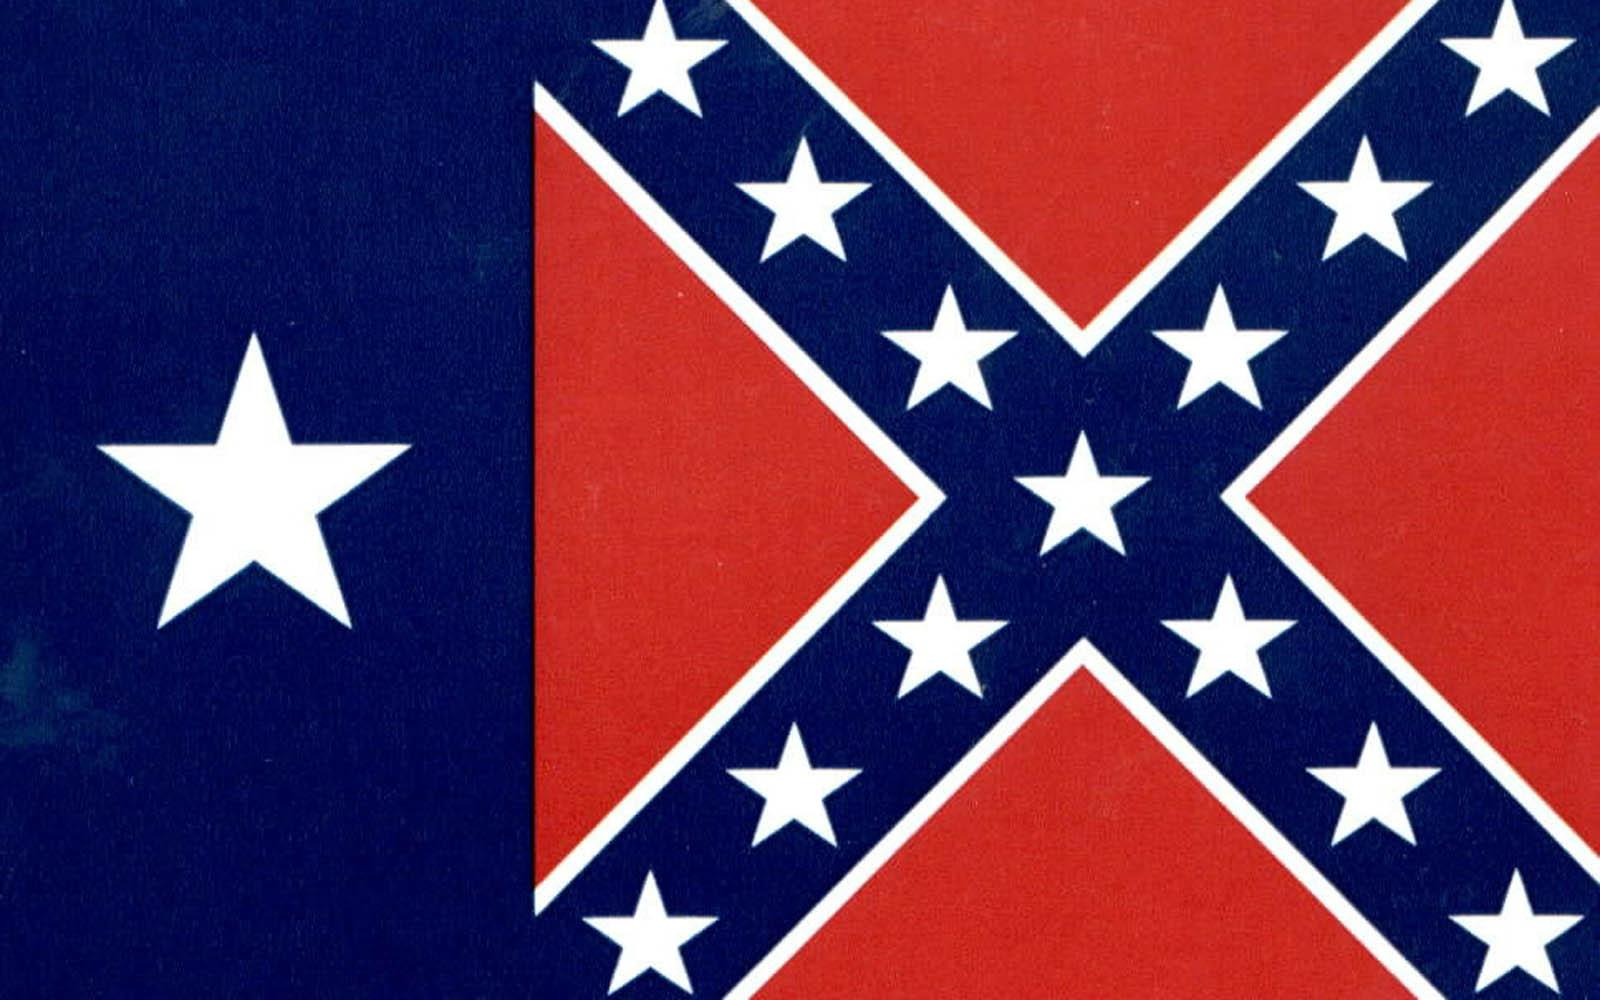 Texas Confederate Flag Wallpapers 2013 Wallpaper 1600x1000